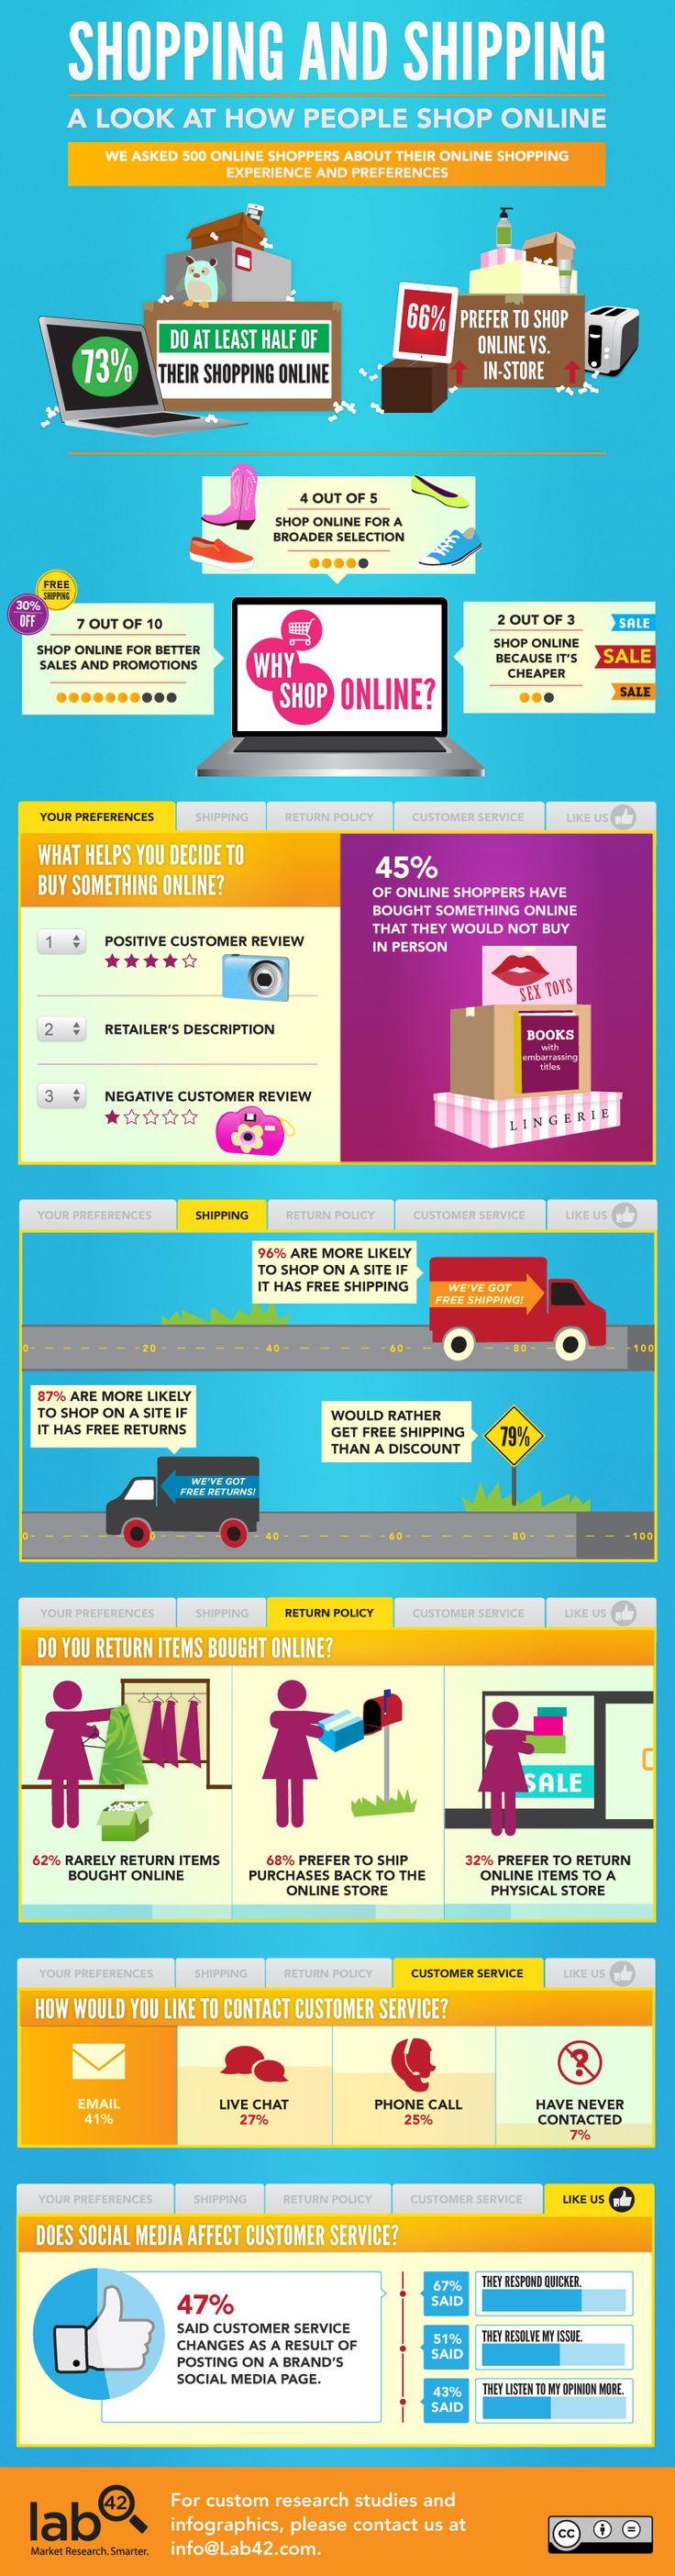 Çevrimiçi Alışveriş ve Nakliye Tercihleri -  #ecommerce #socialcommerce #onlineshopping #infographic #eticaret #sosyalticaret #onlinealisveris #infografik